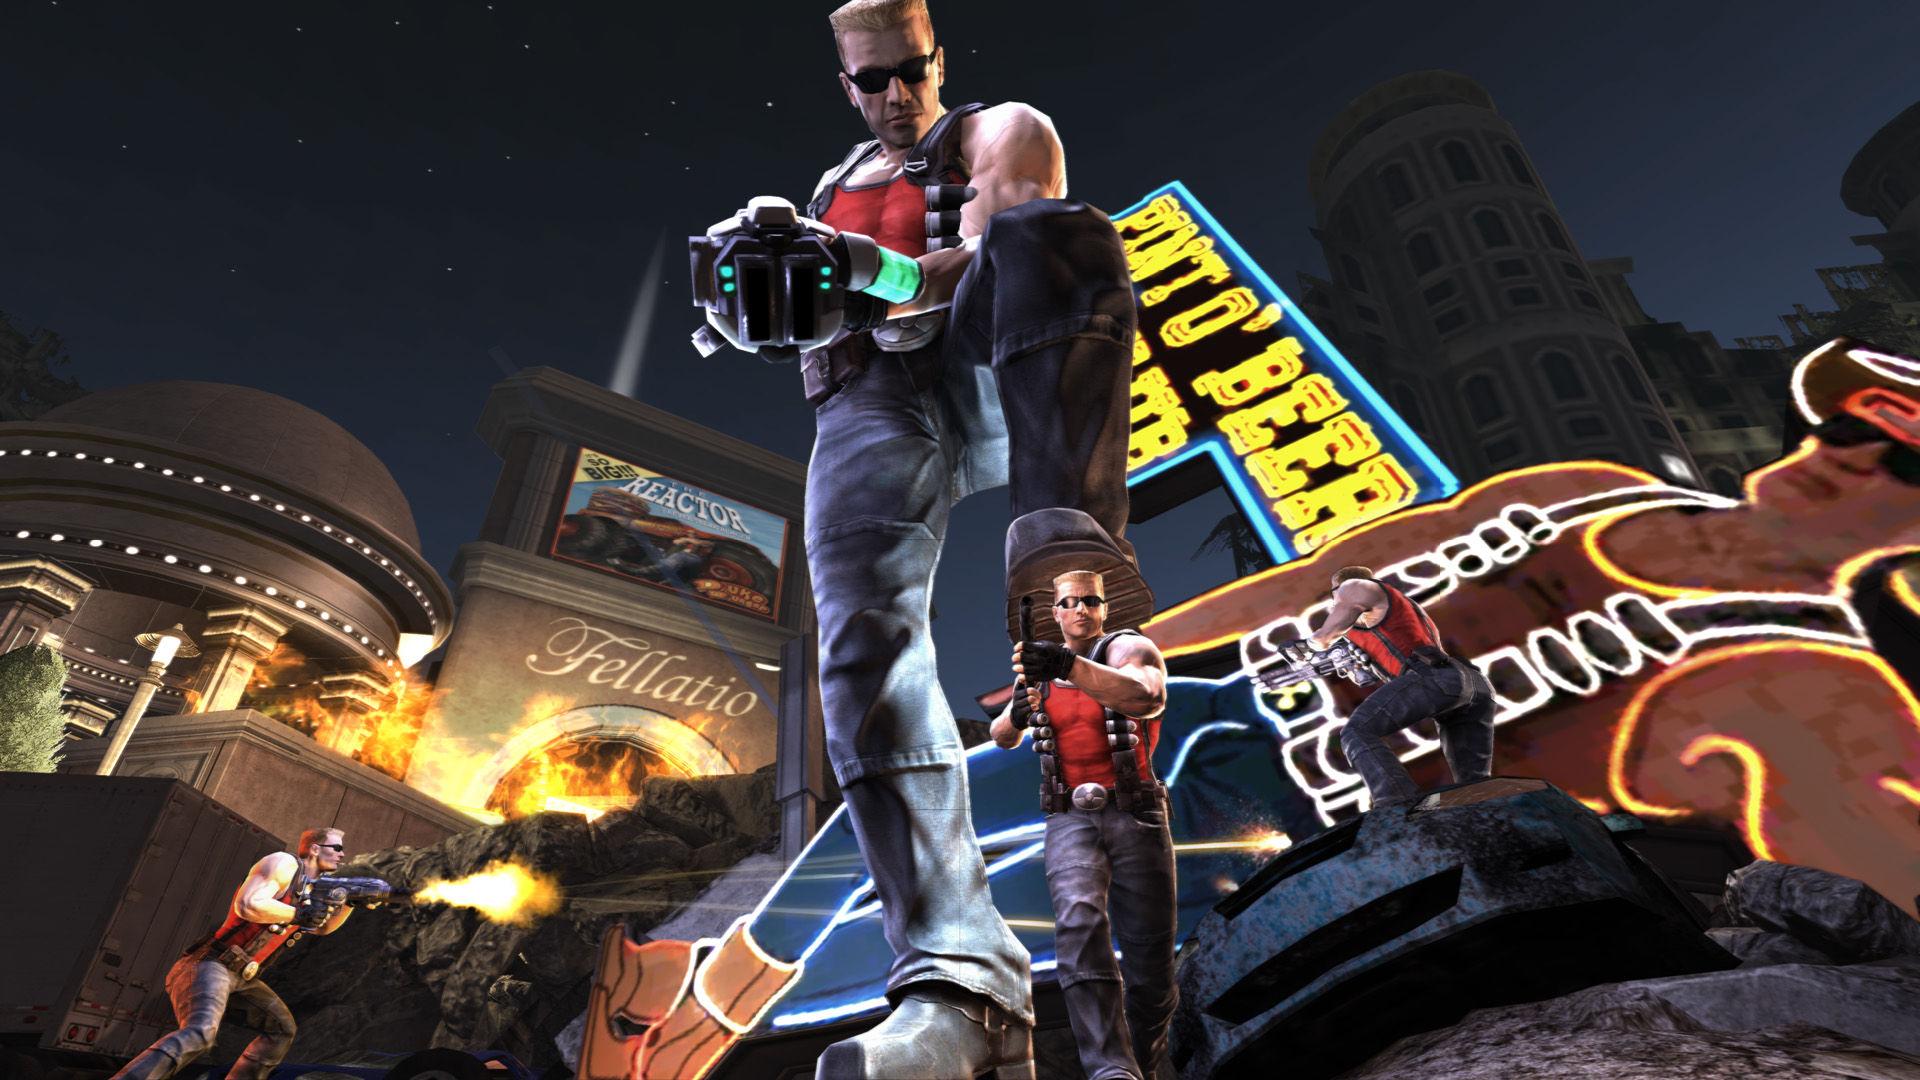 [XBOX360] Duke Nukem Forever [Region Free] [2011/RUS|ENG]